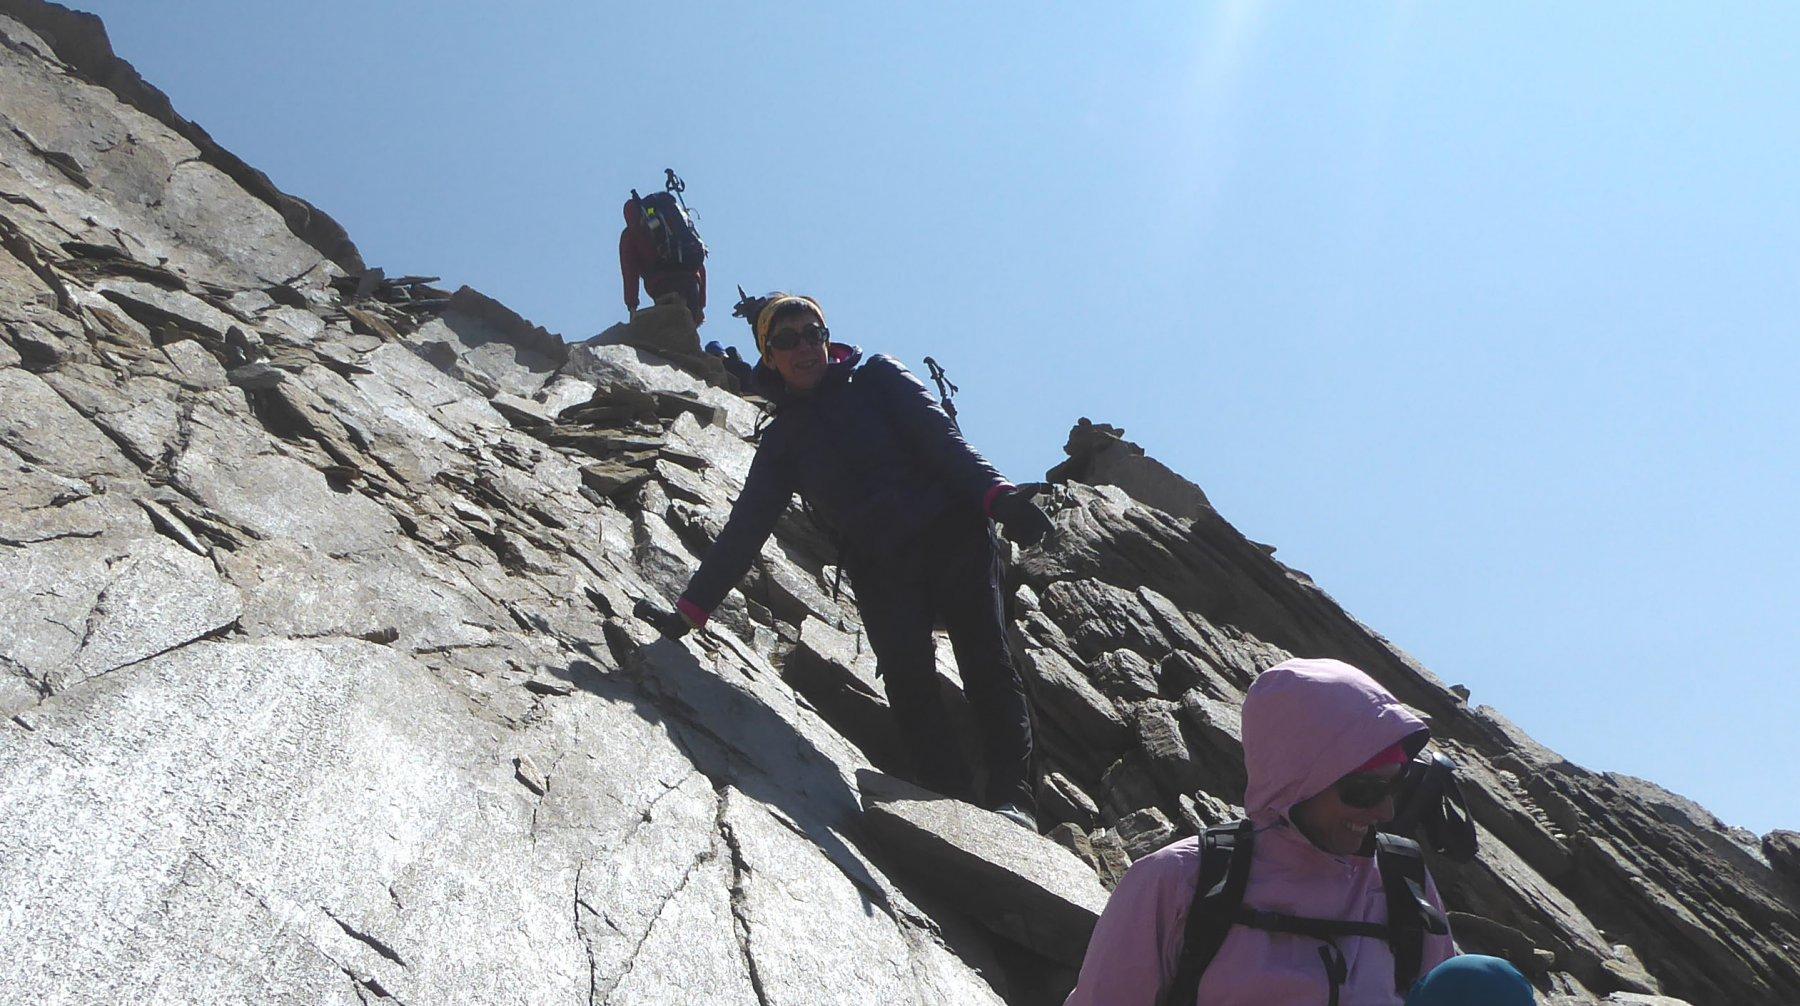 il passaggio chiave sulle roccette